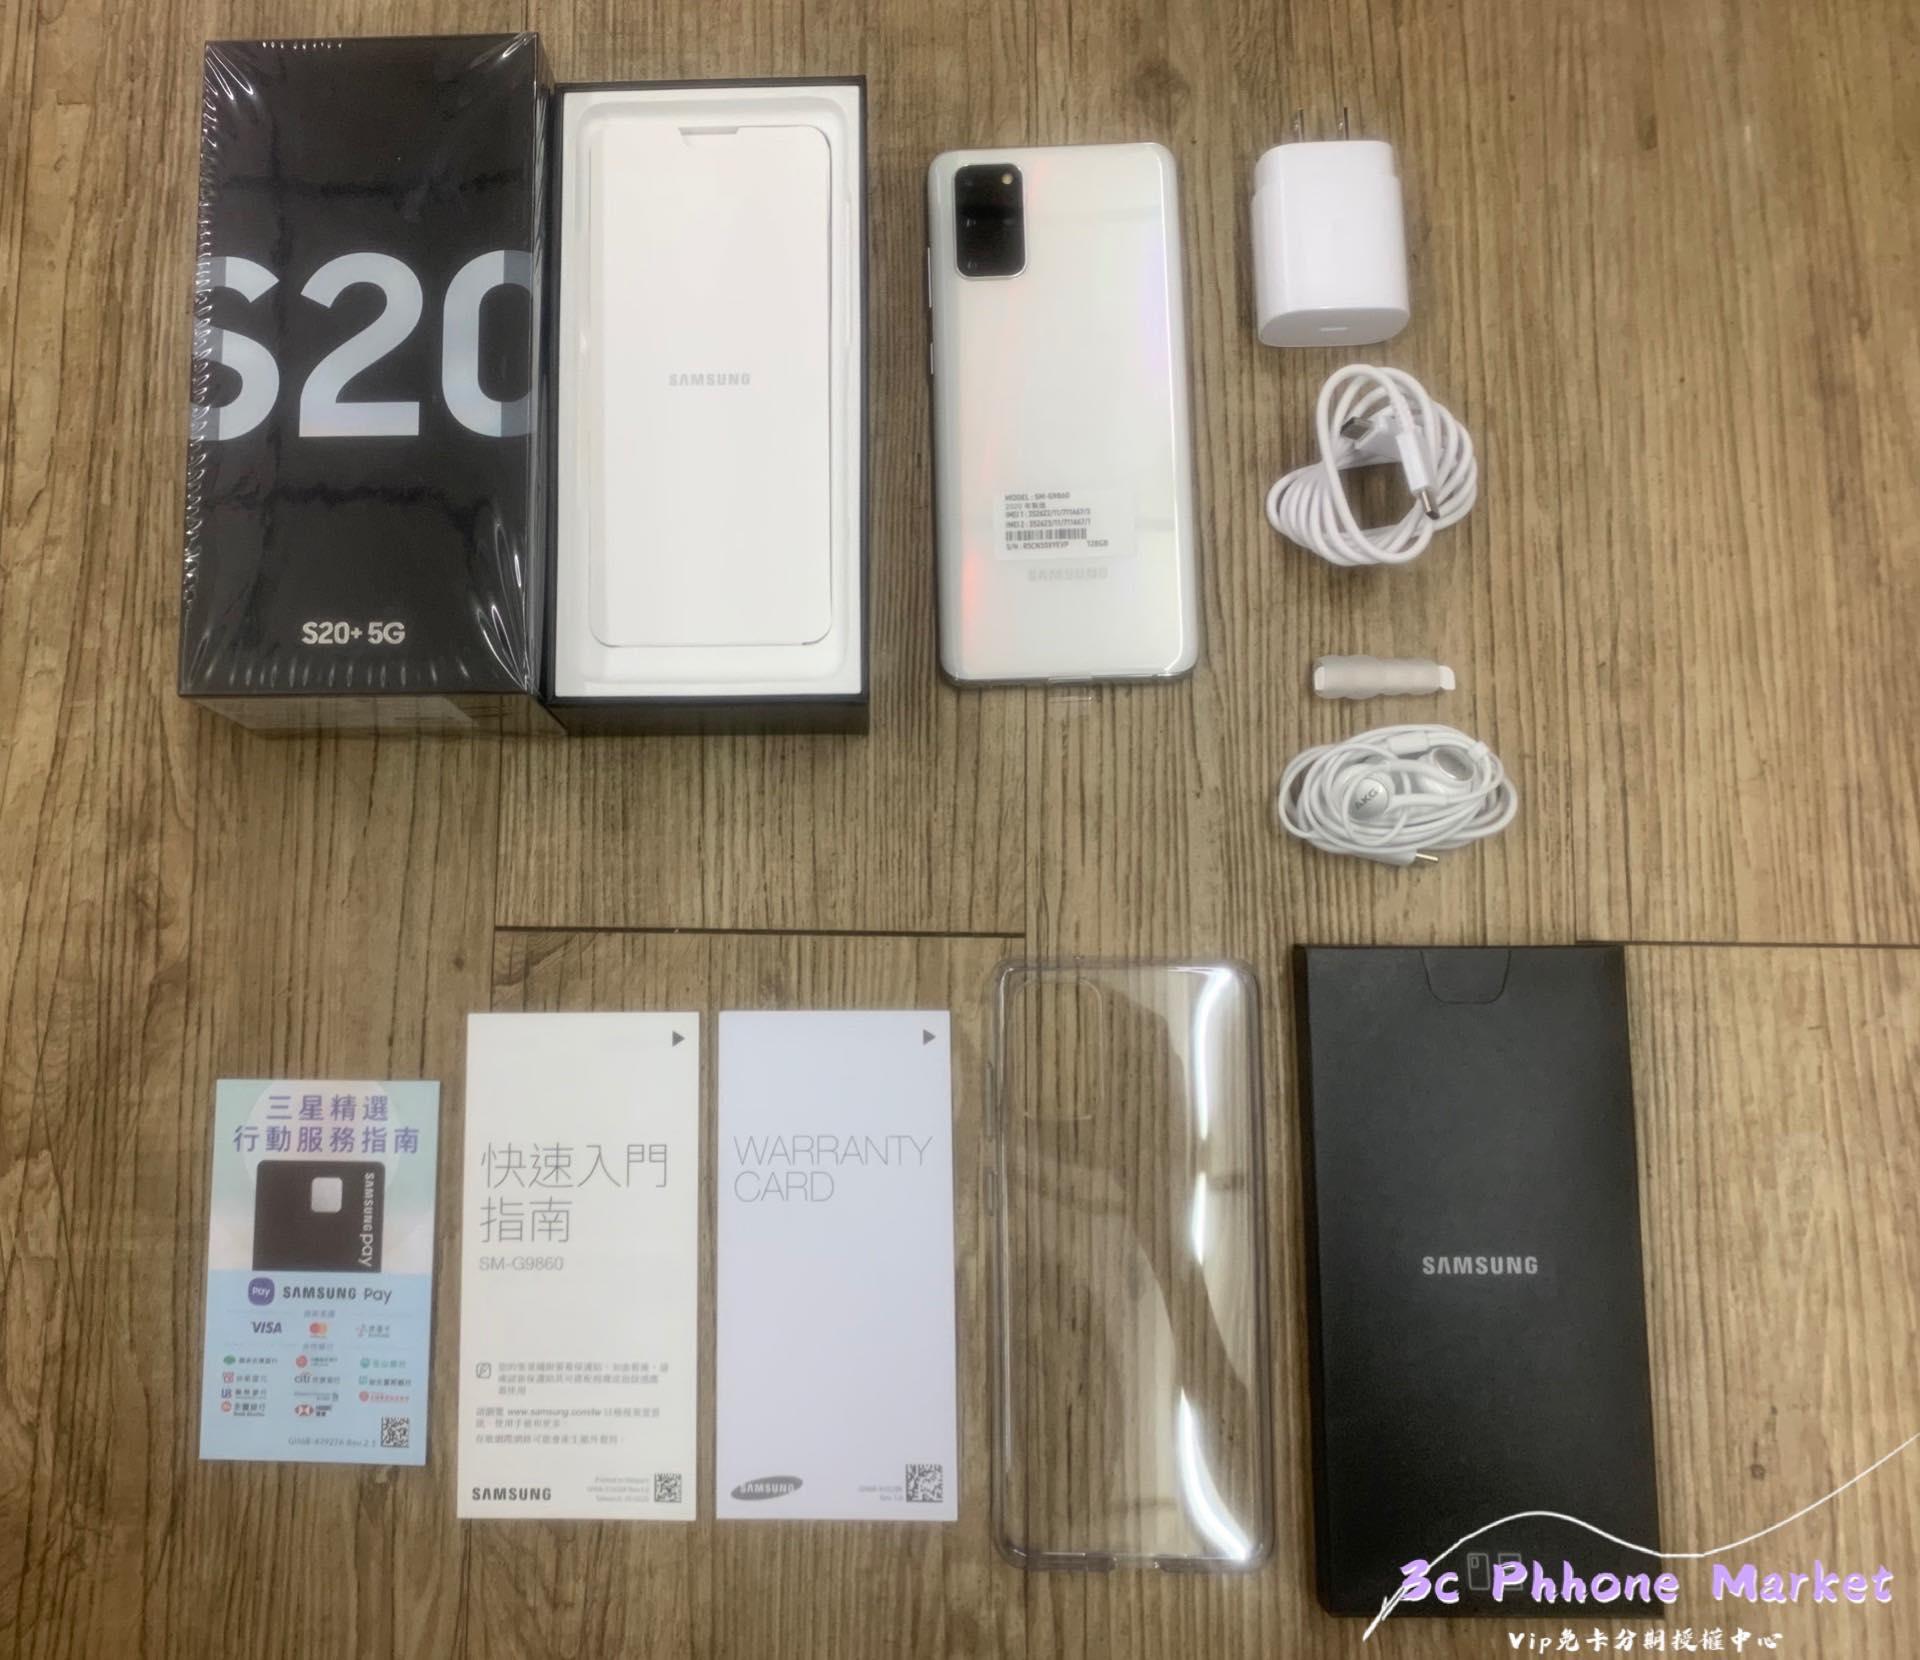 【開箱】Samsung Galaxy S20+5G 晴空白 超棒的高畫質8K 1